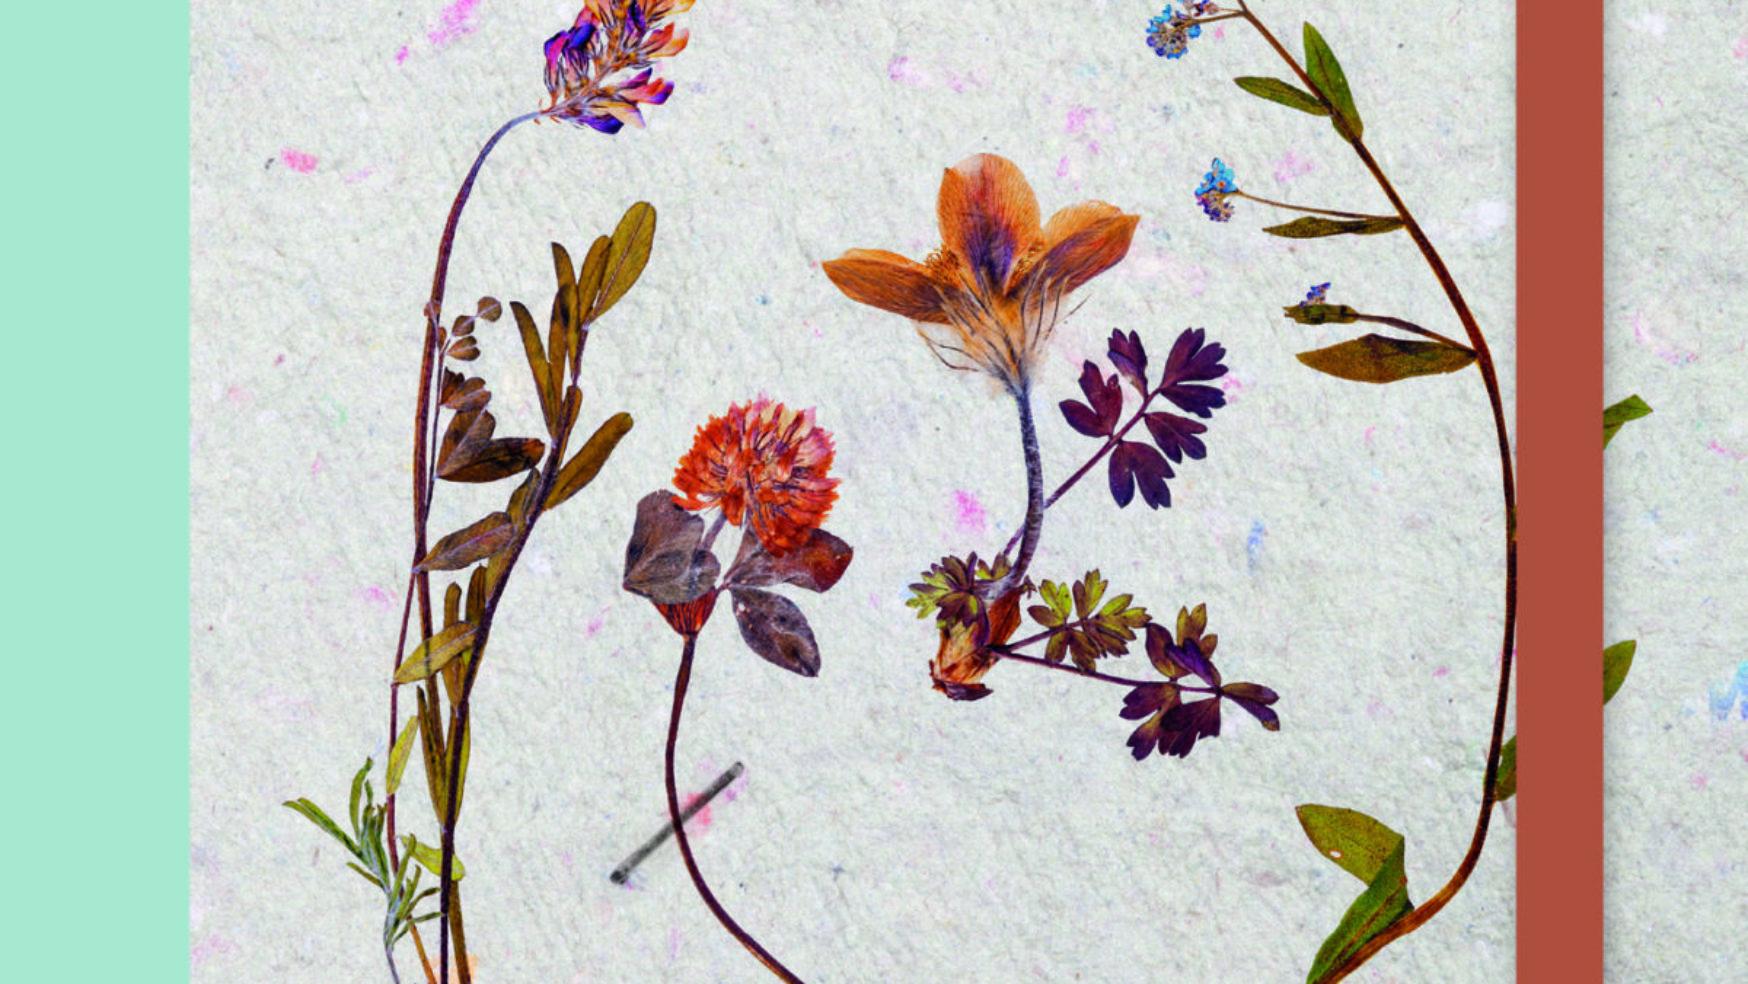 Pocket herbarium, eíndelijk weer terug